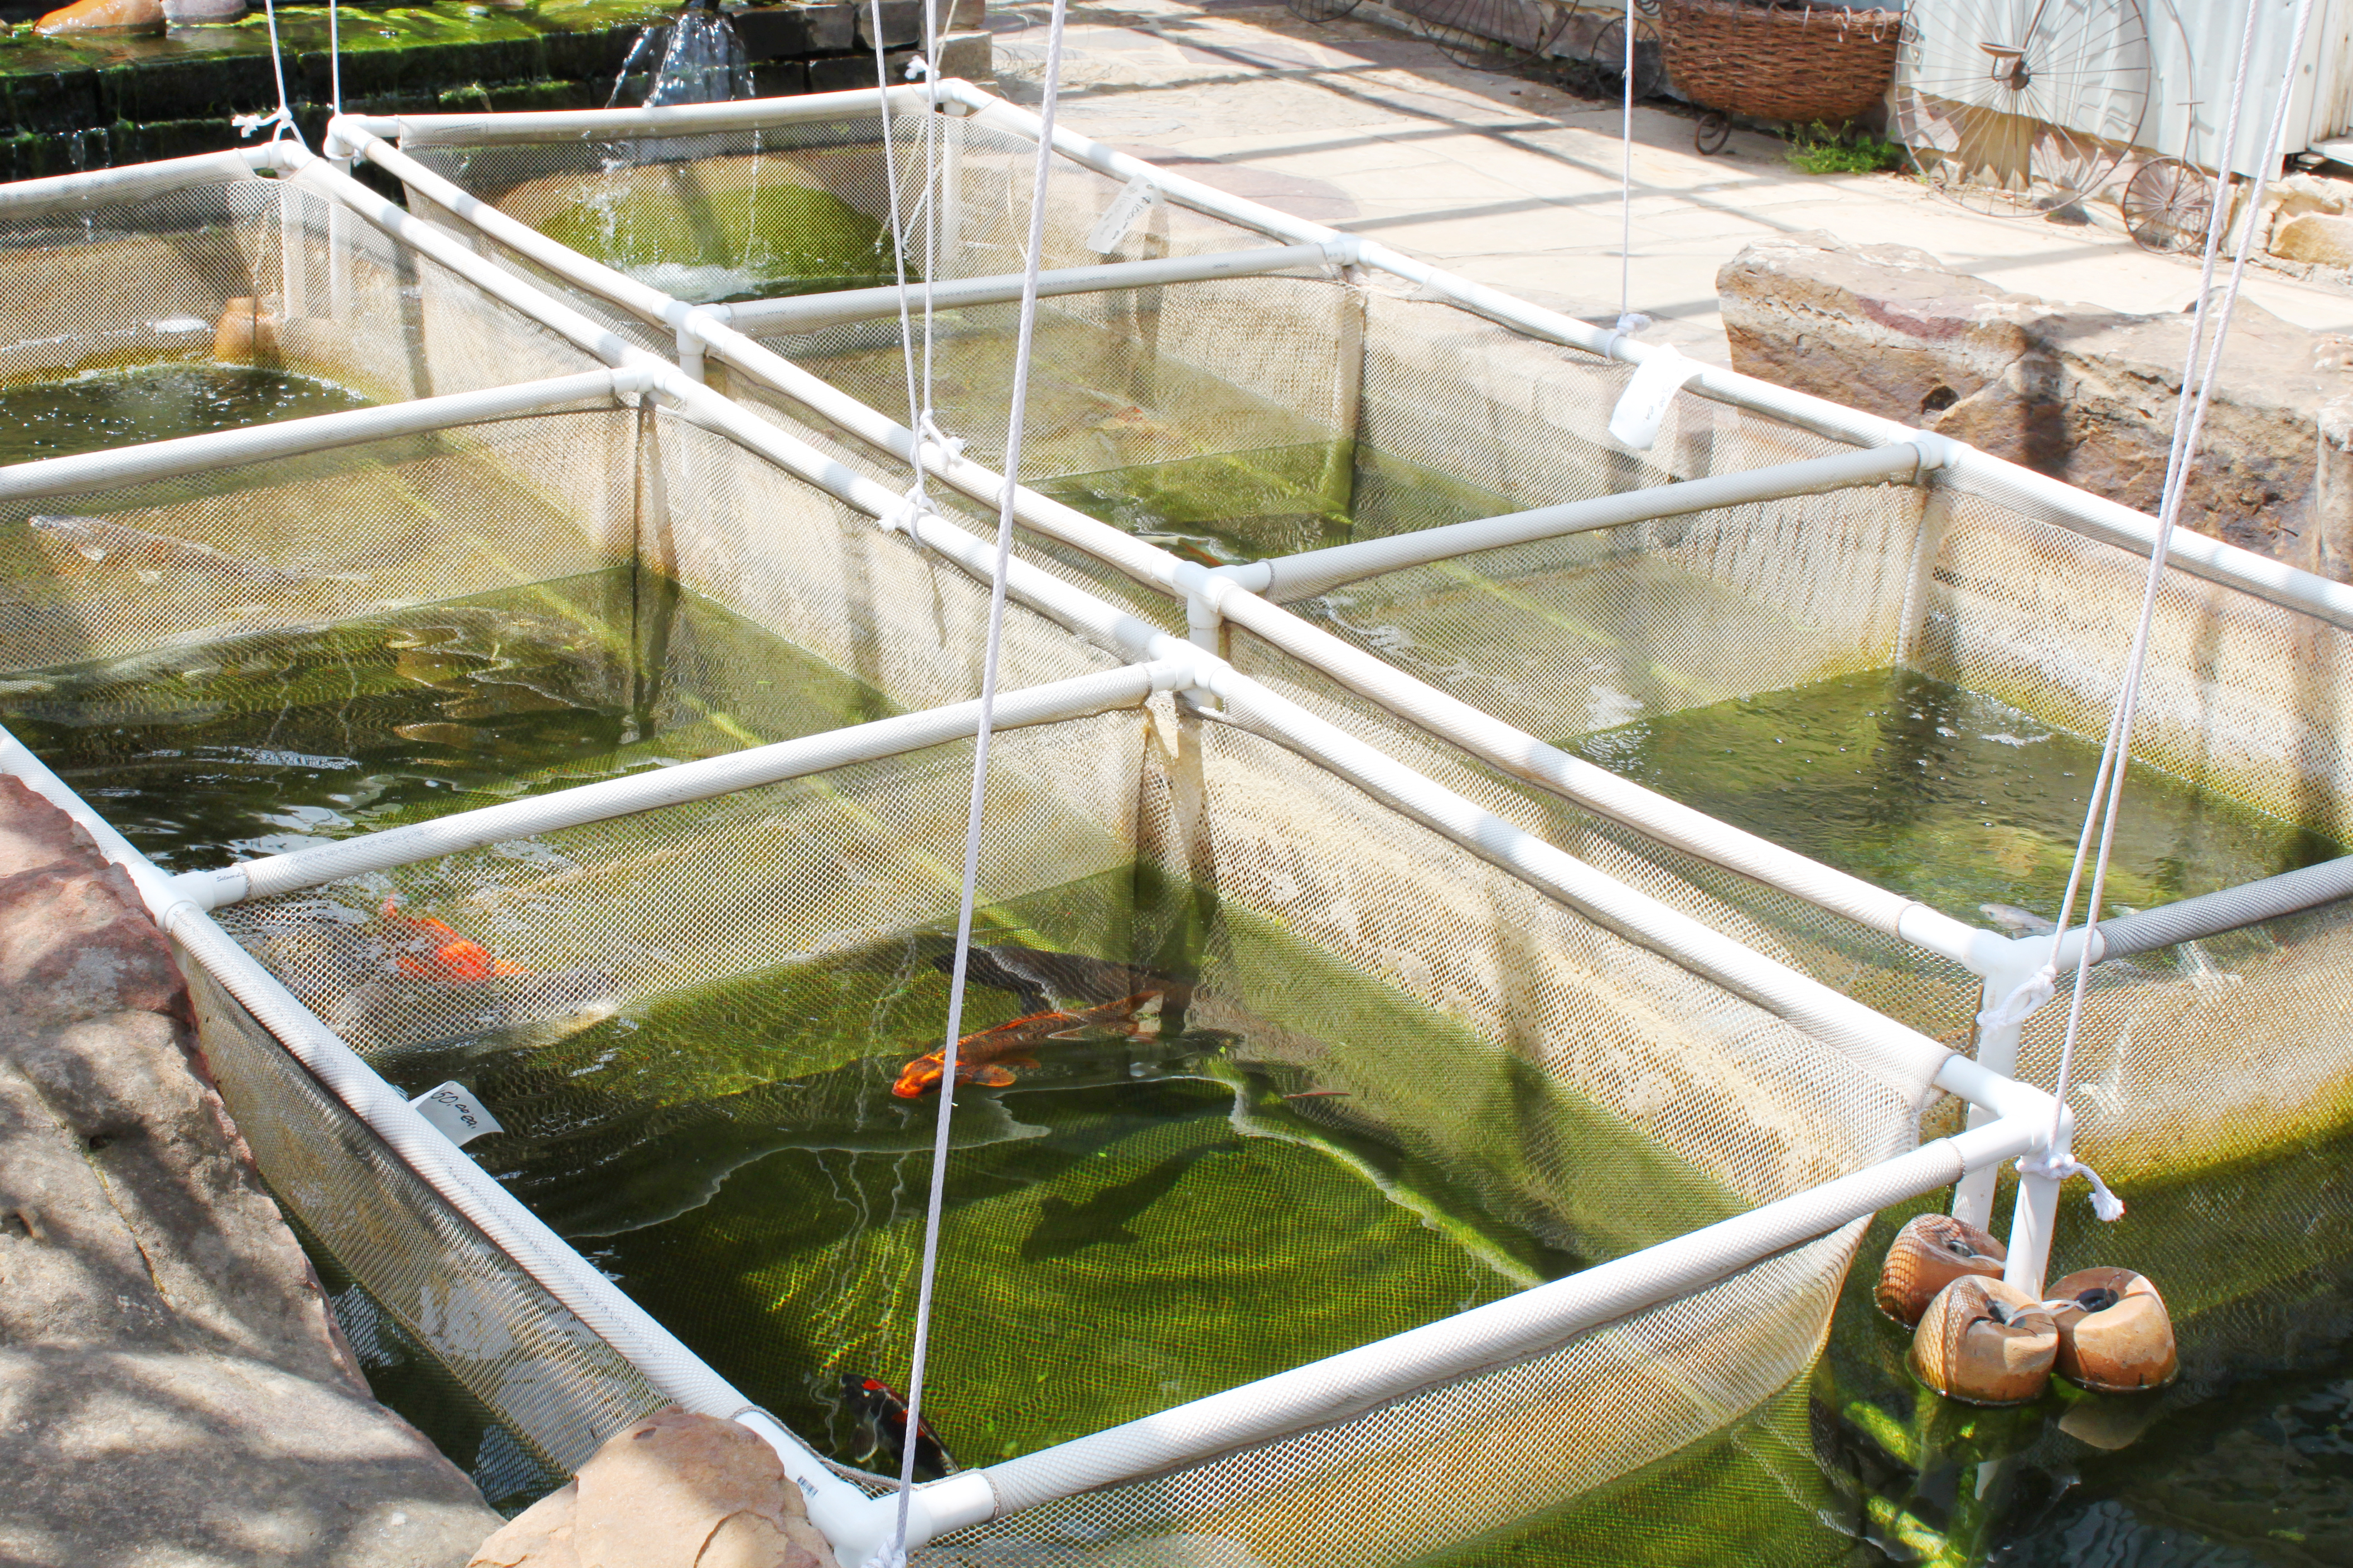 Hodowla ryb w obiegach zamkniętych